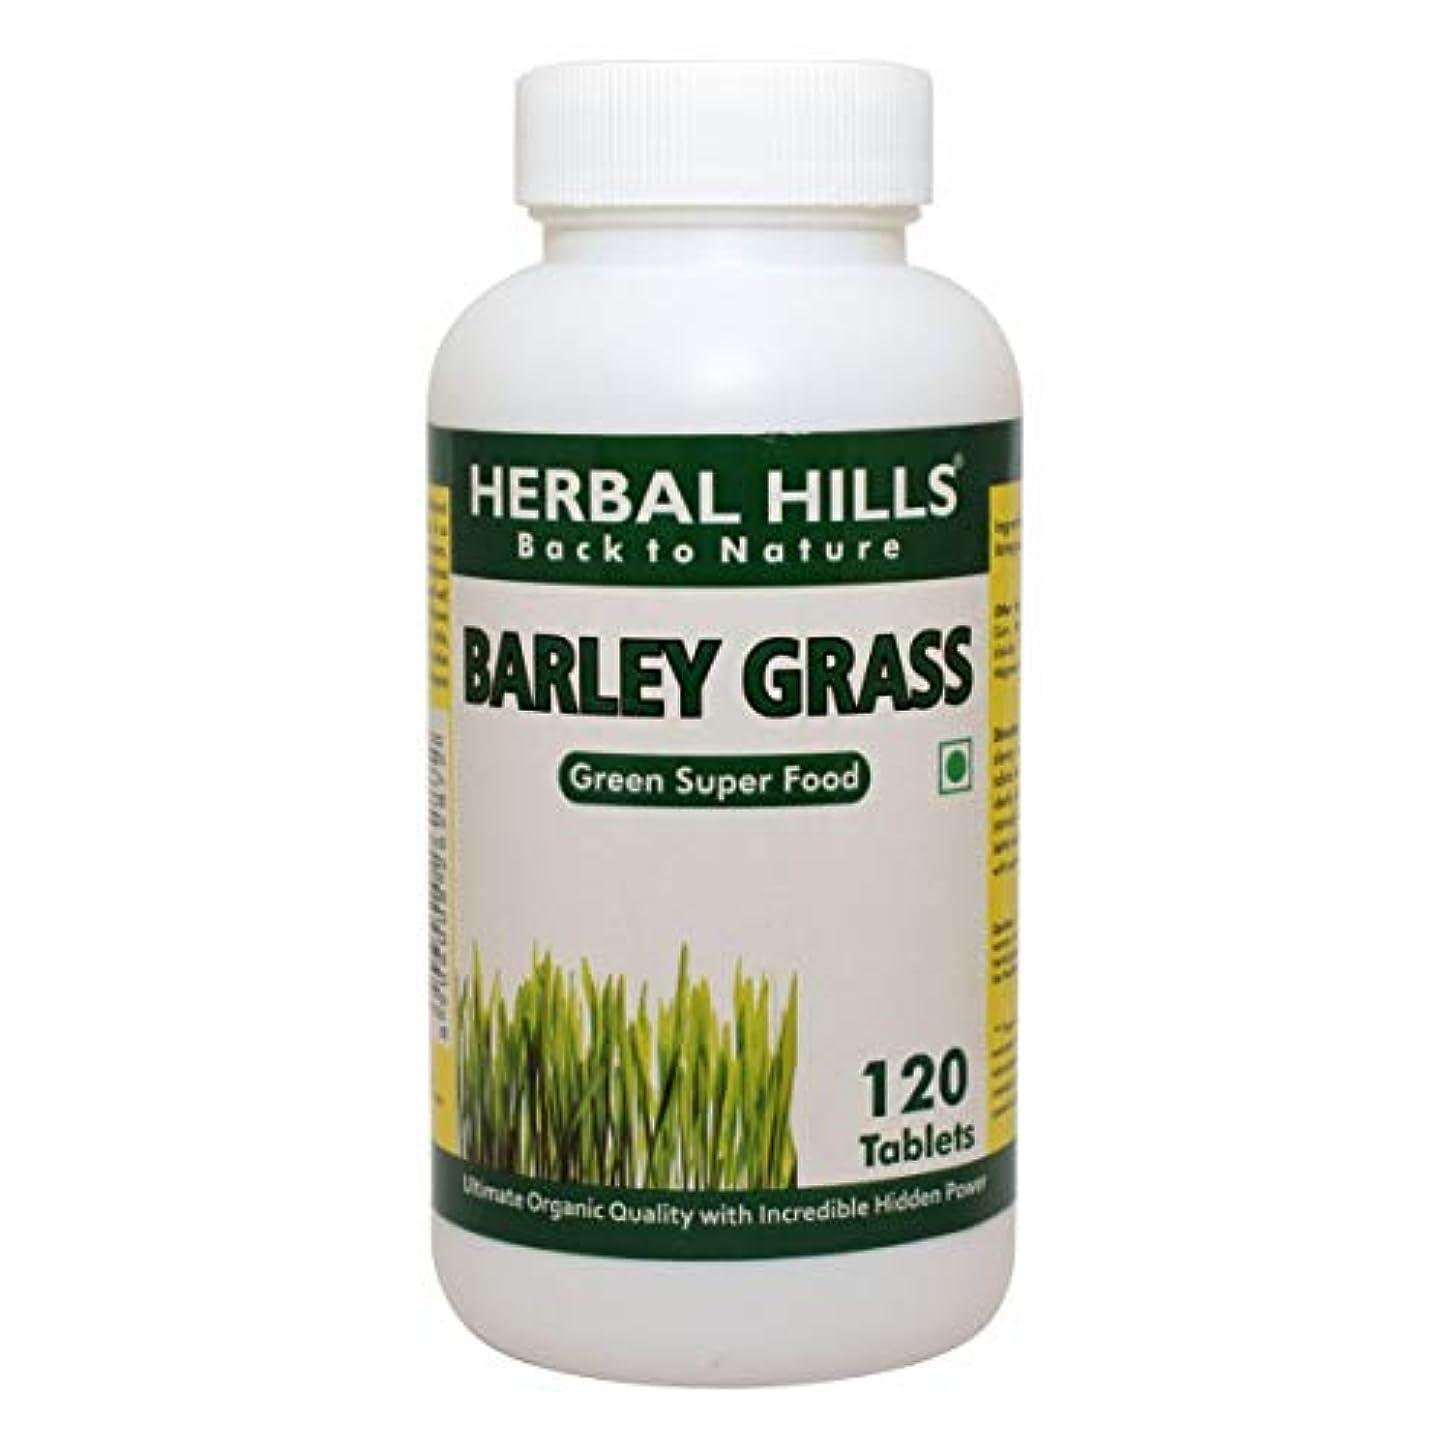 勢いスタックの配列Barley Grass Food Supplement 500mg, 120 Tablets - 大麦草食品サプリメント